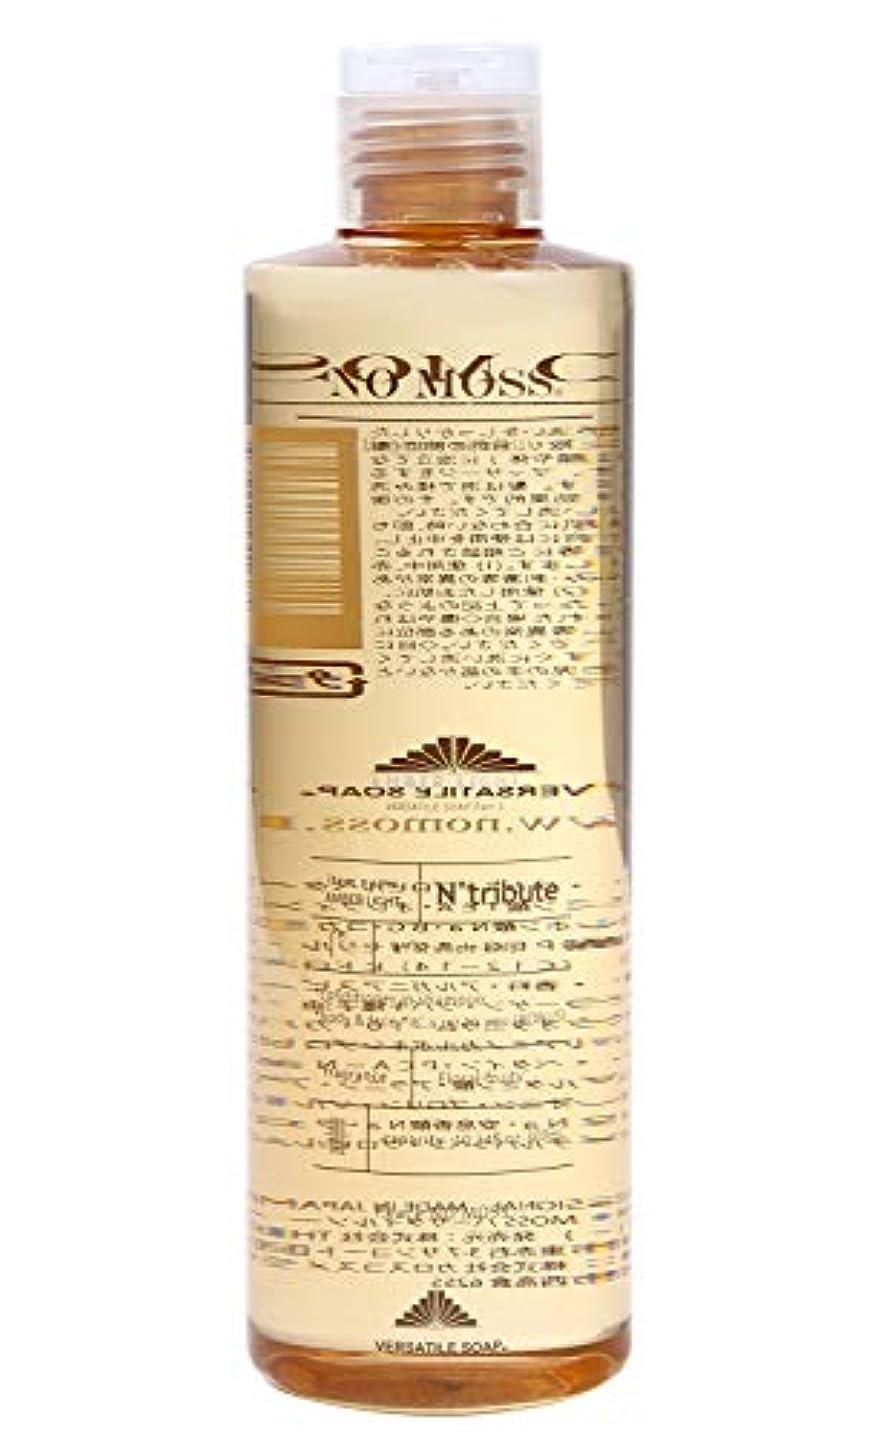 世紀甘美な展開するNO MOSS VERSATILE SOAP(ノーモス バーサタイル ソープ) AMBER LIGHT 300ml